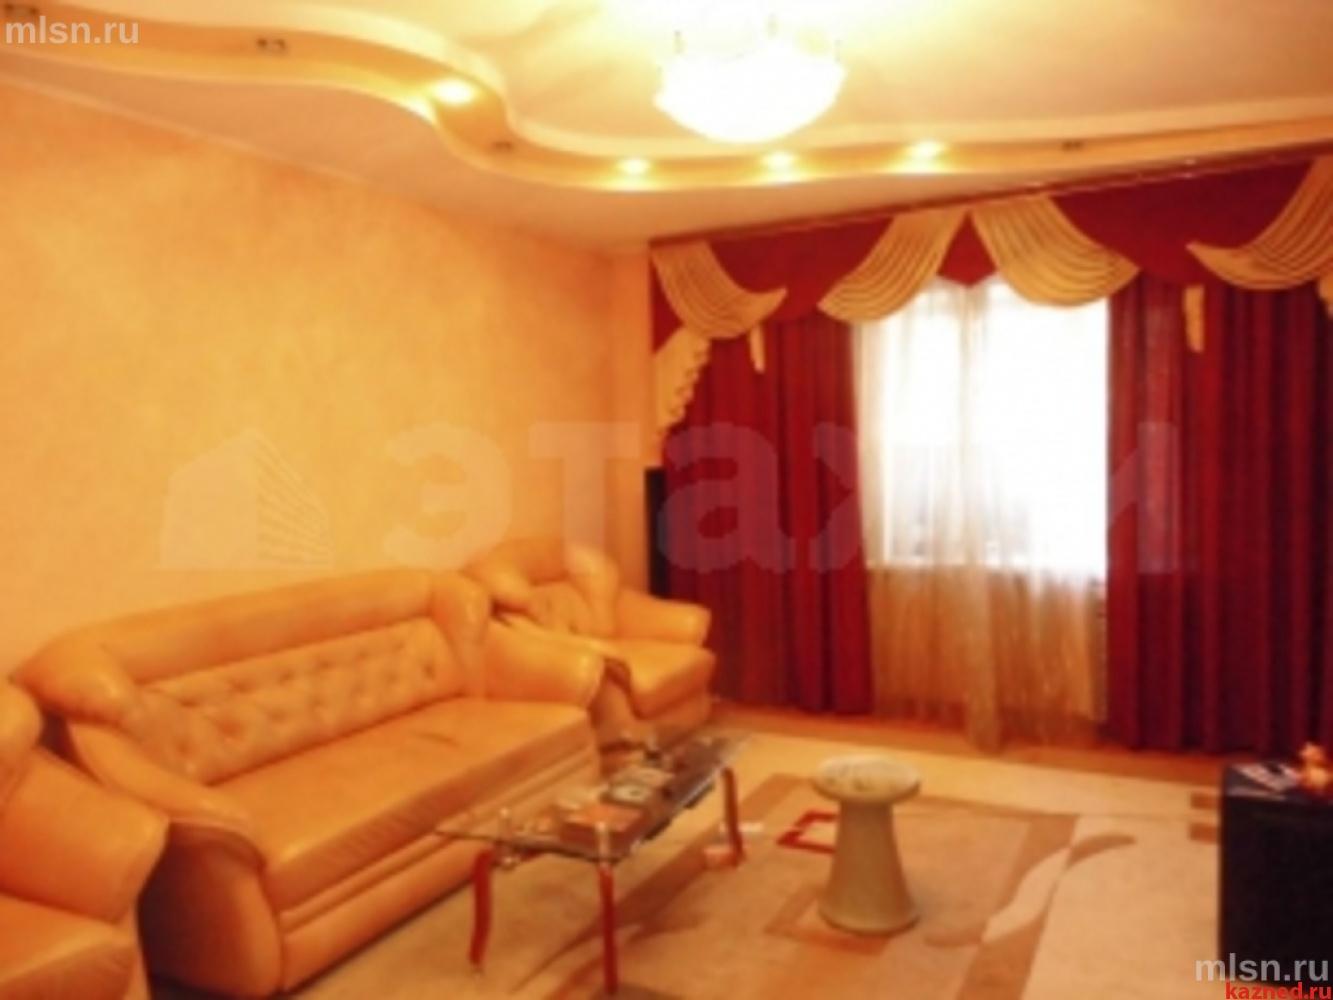 Продажа 2-к квартиры Меридианная,3, 60 м² (миниатюра №2)